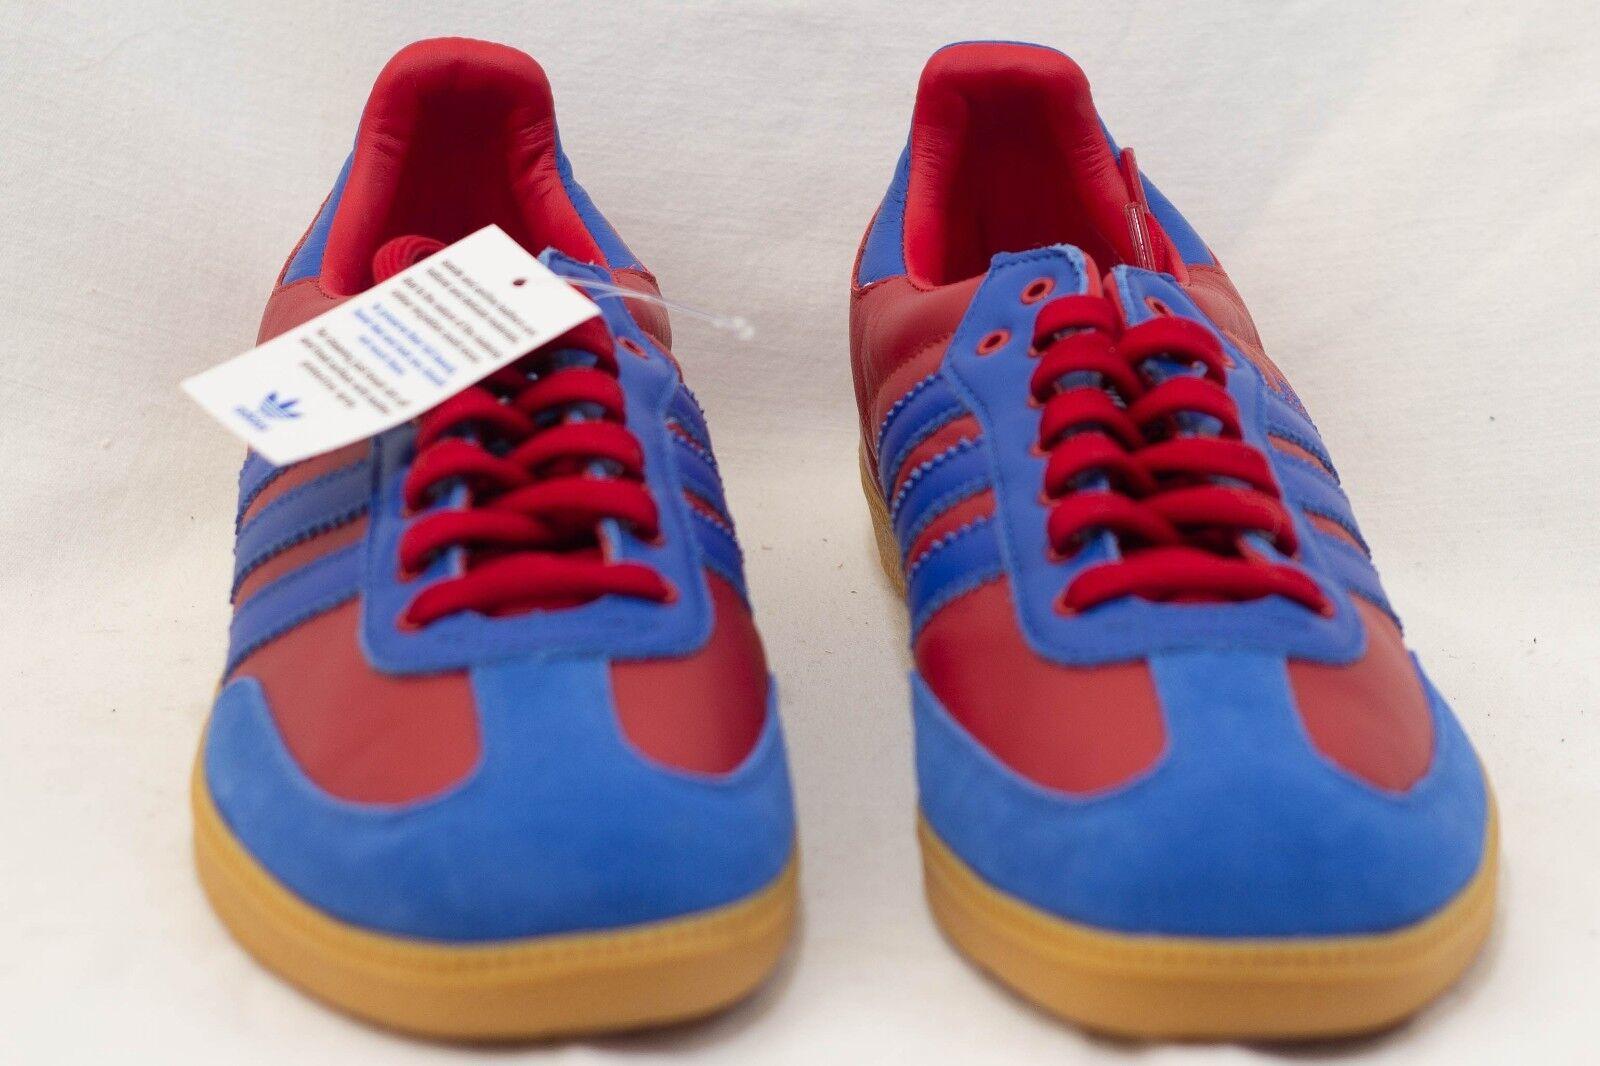 Adidas West Ham United FC shoes 10 US Claret bluee COYI on side